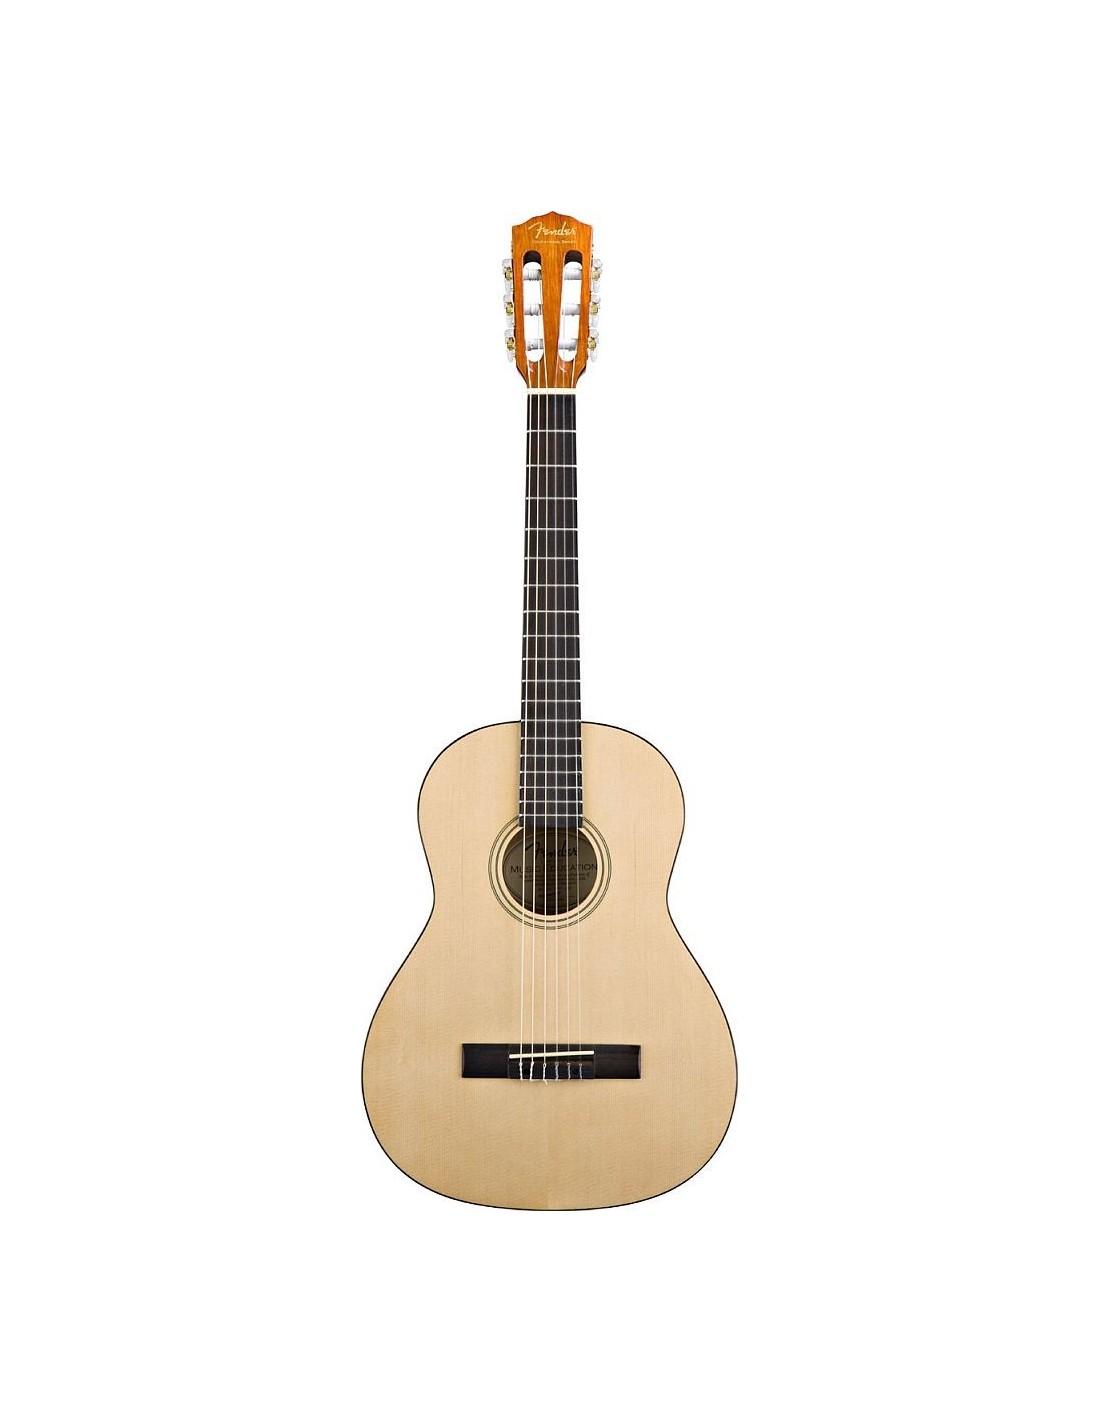 fender esc105 natural guitare classique 4 4 au meilleur. Black Bedroom Furniture Sets. Home Design Ideas